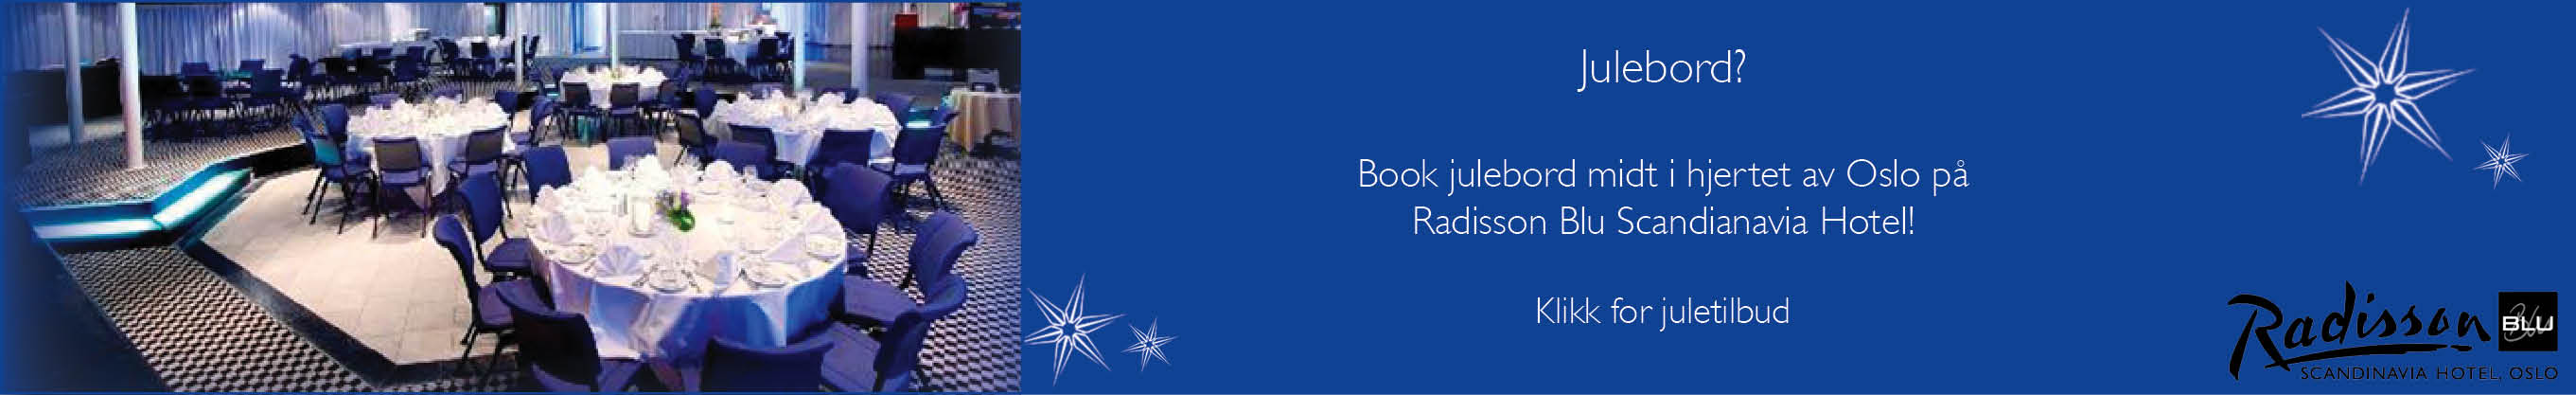 Radisson-julebordlokaler